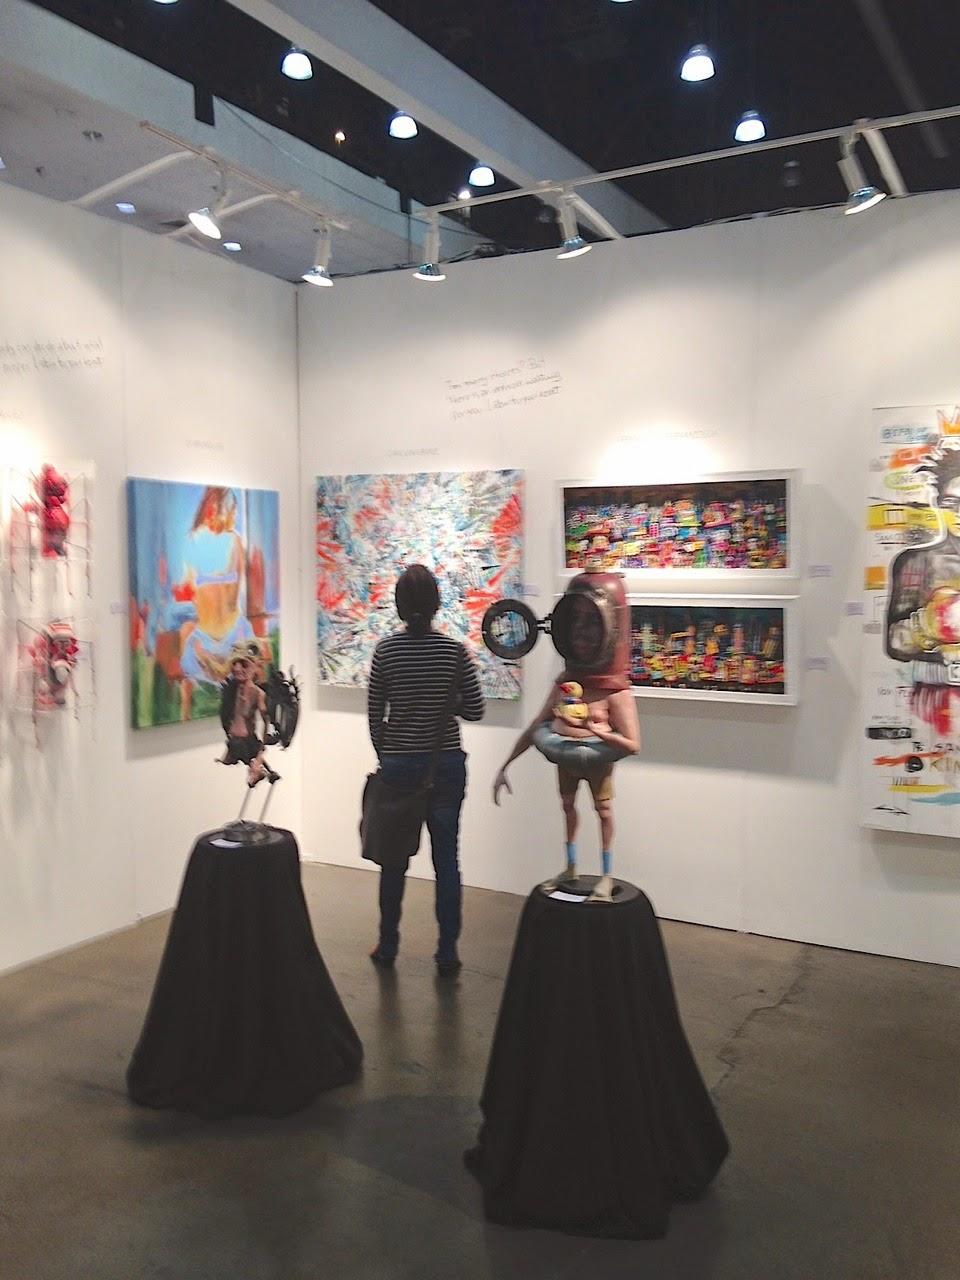 Obras expuestas en el stand de Escarlata Galery en la World Wide L.A 2014